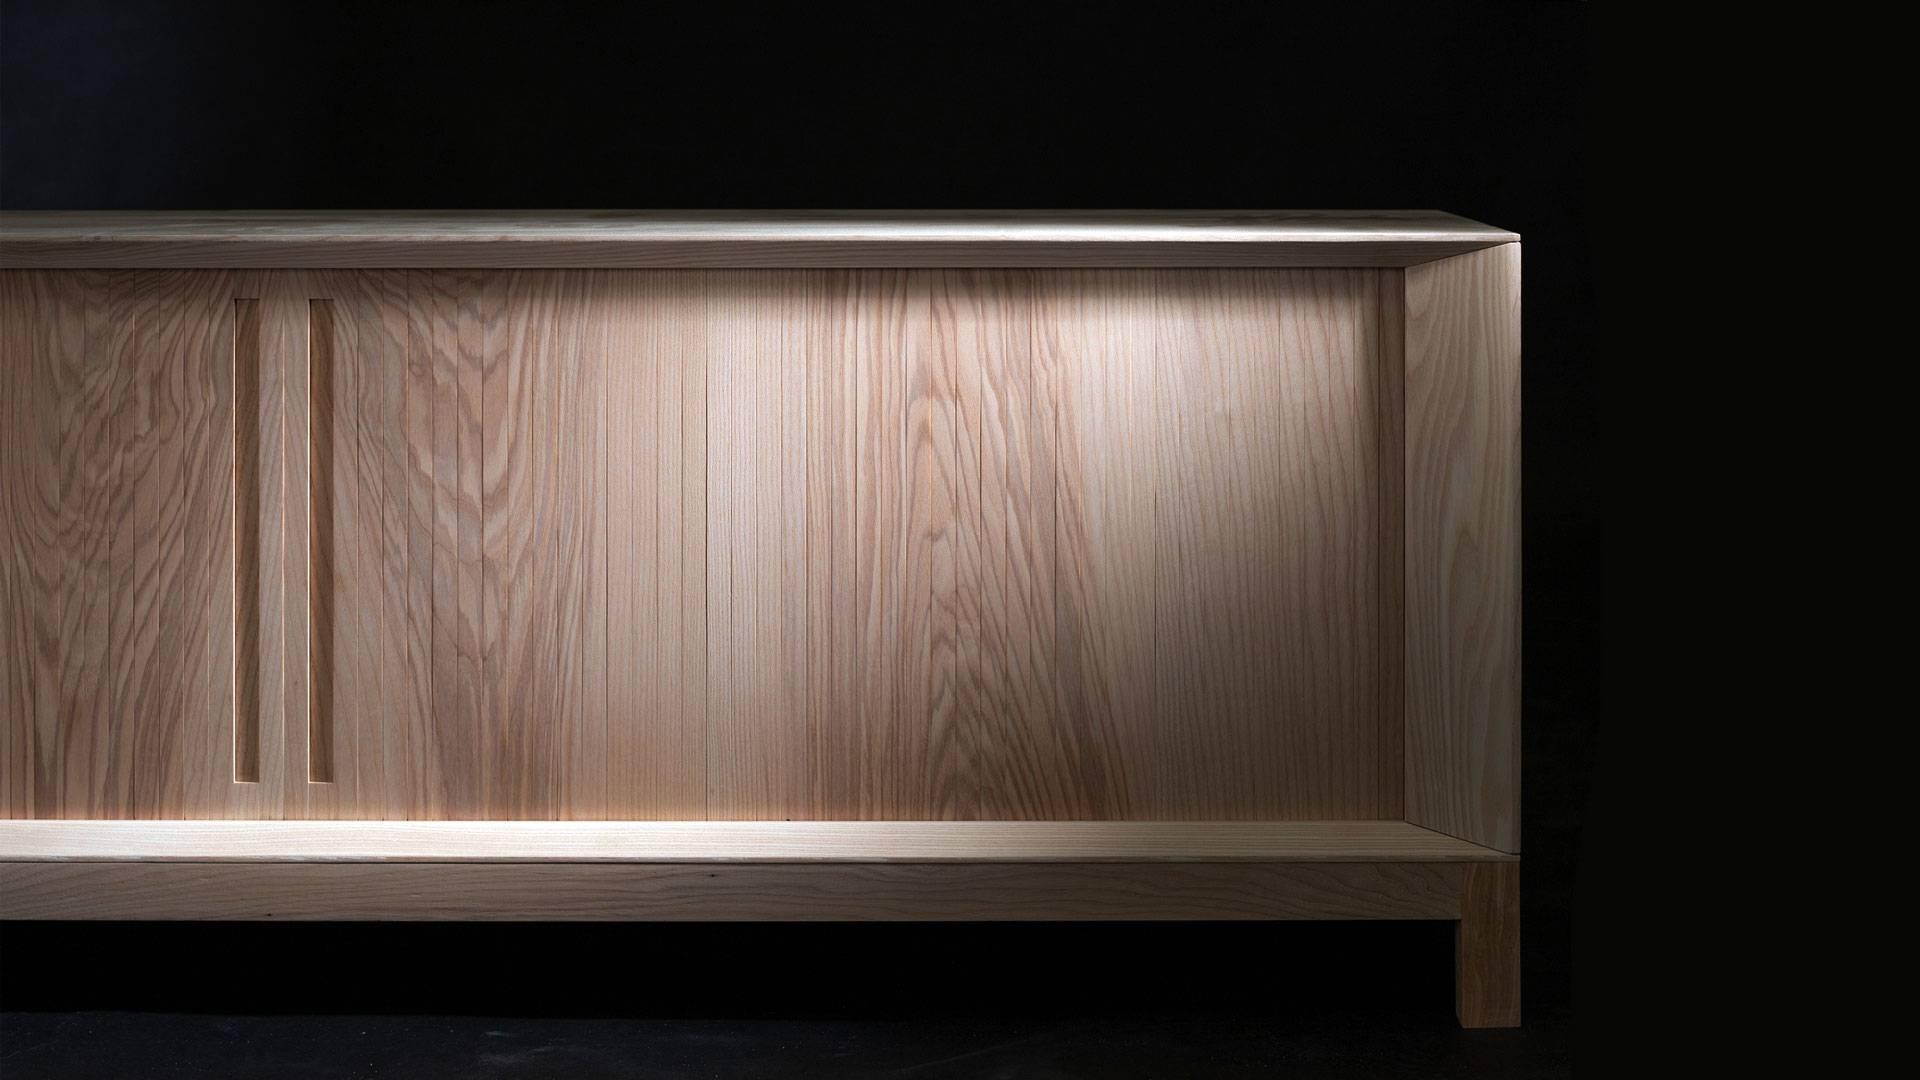 05-Rolleta-galerie-futuro-studio